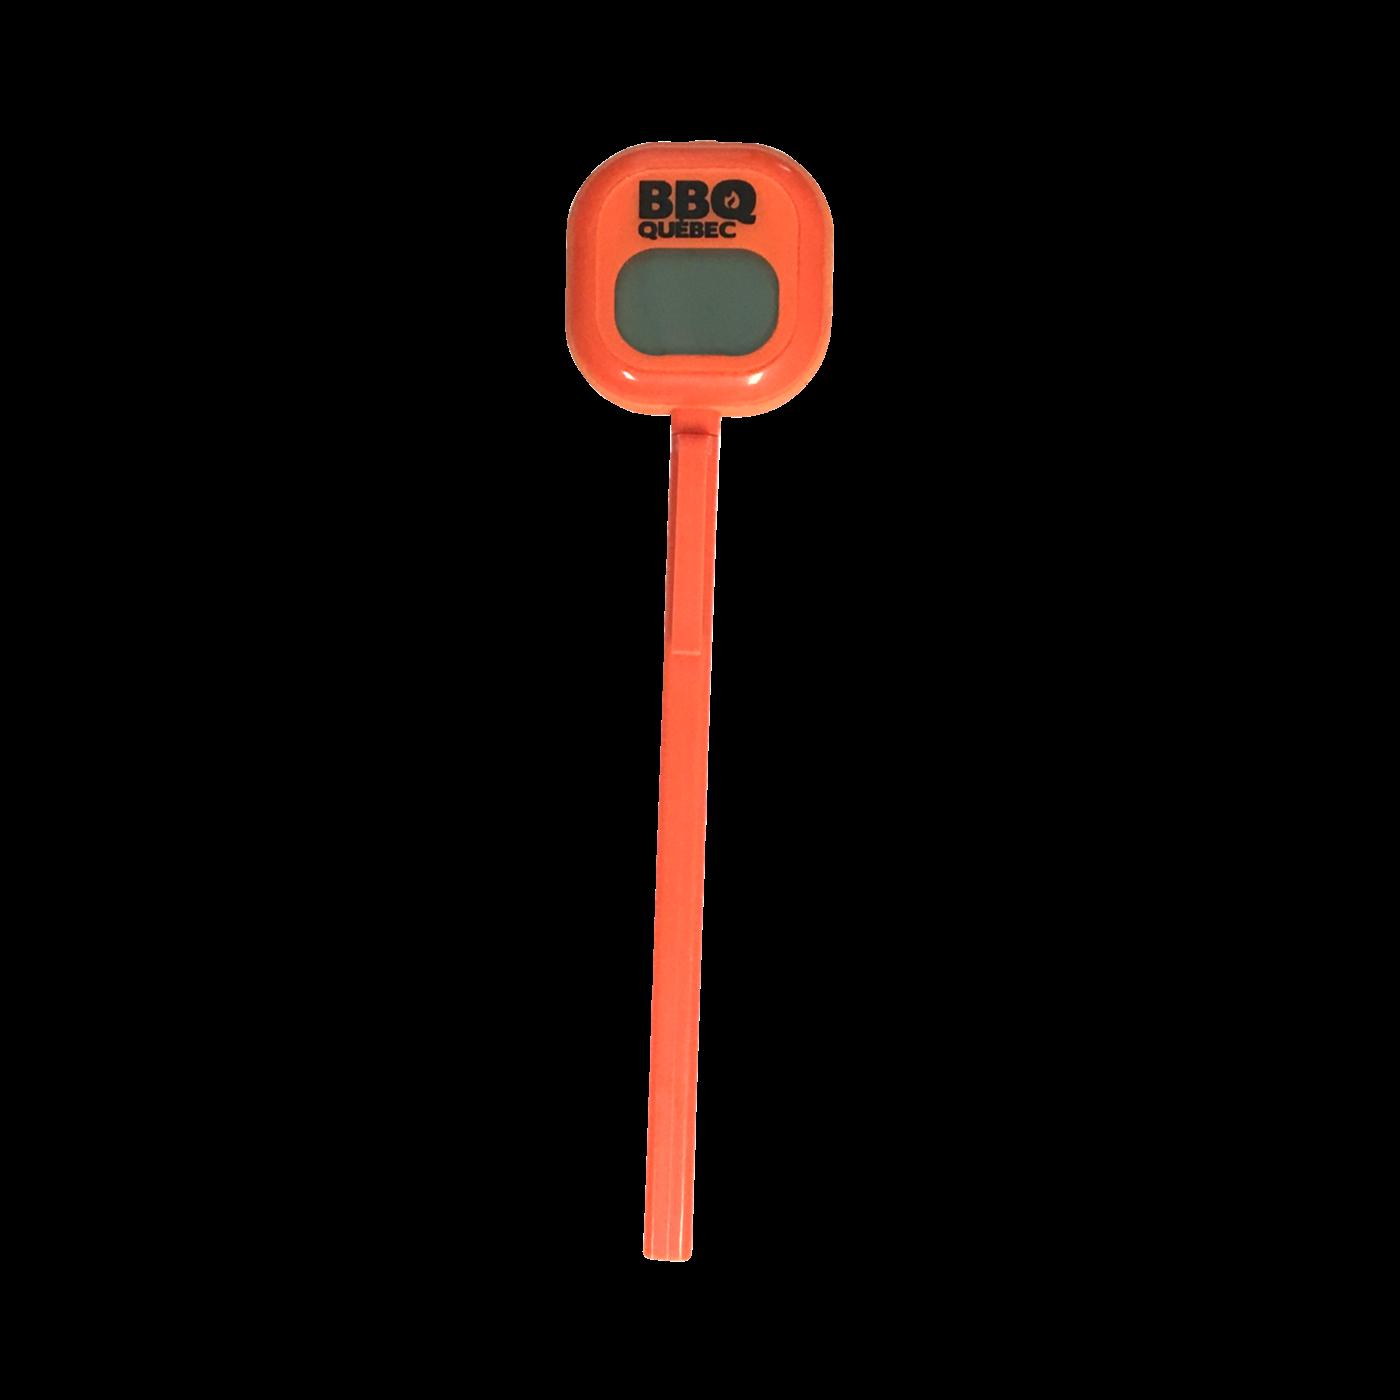 Thermomètre pour BBQ au charbon